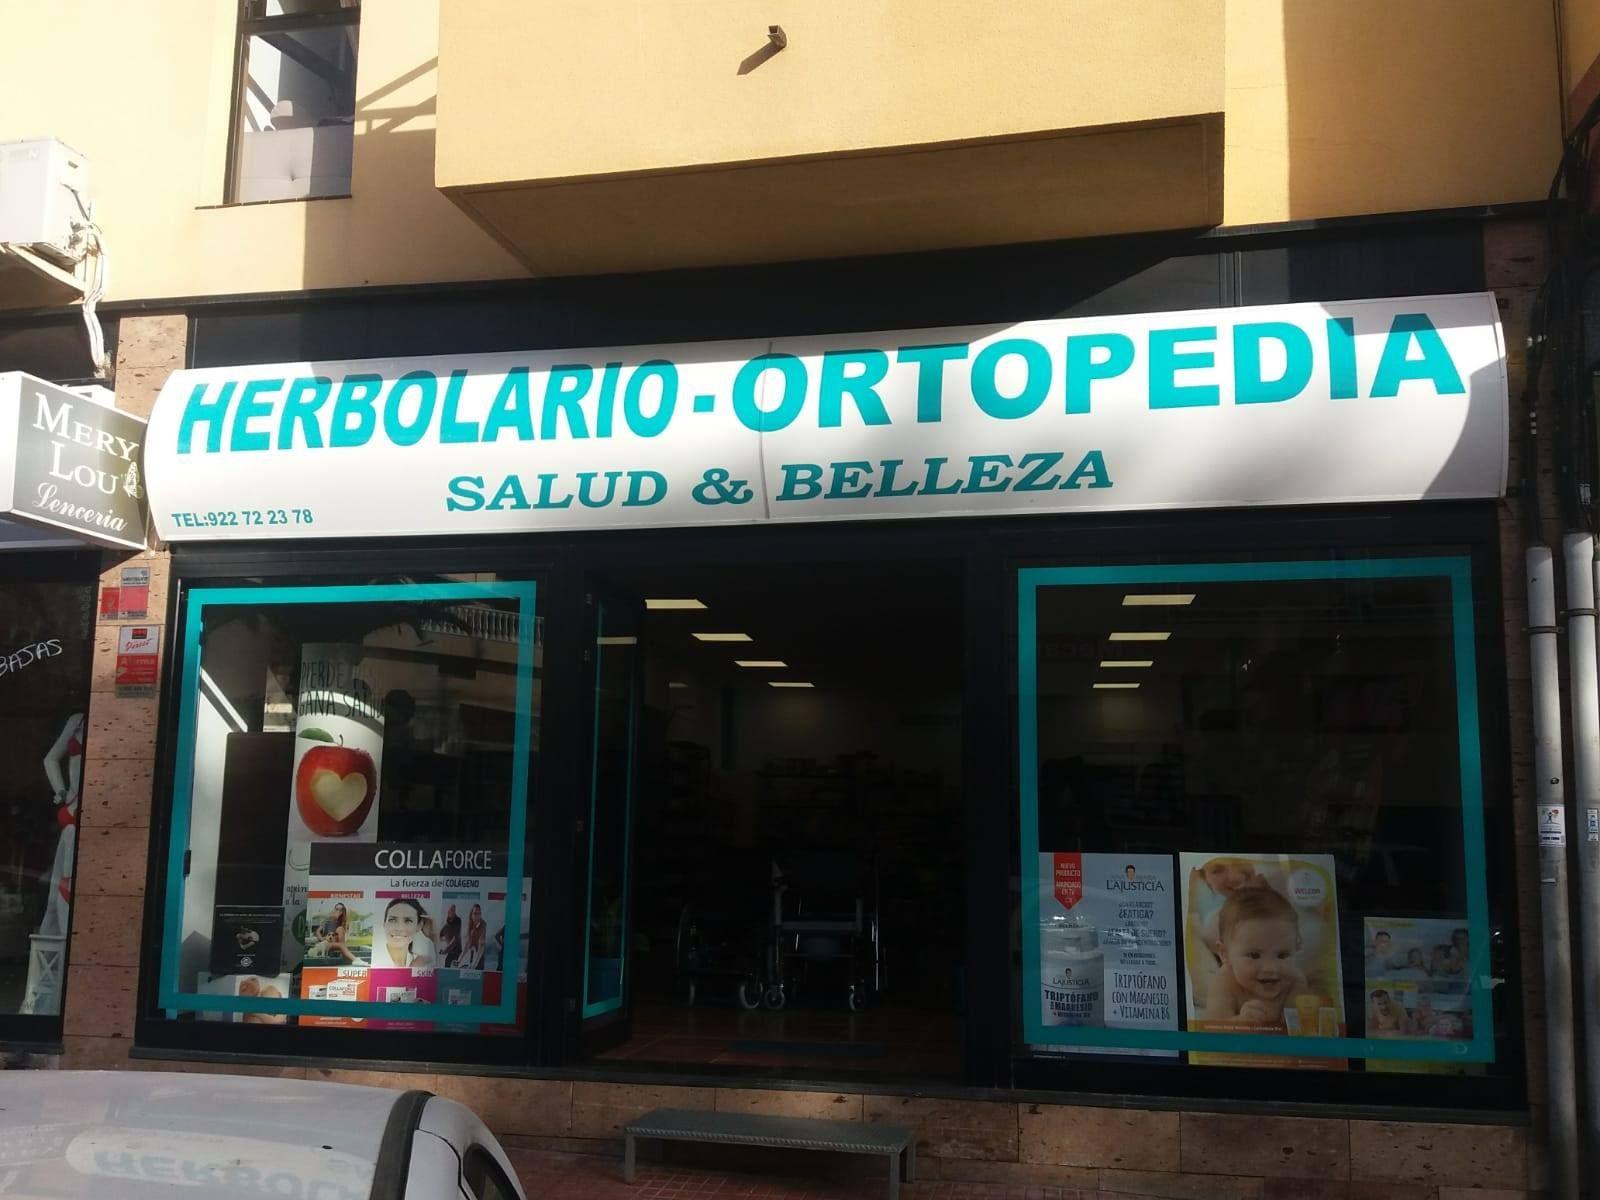 Herbolarios tiendas enTenerife